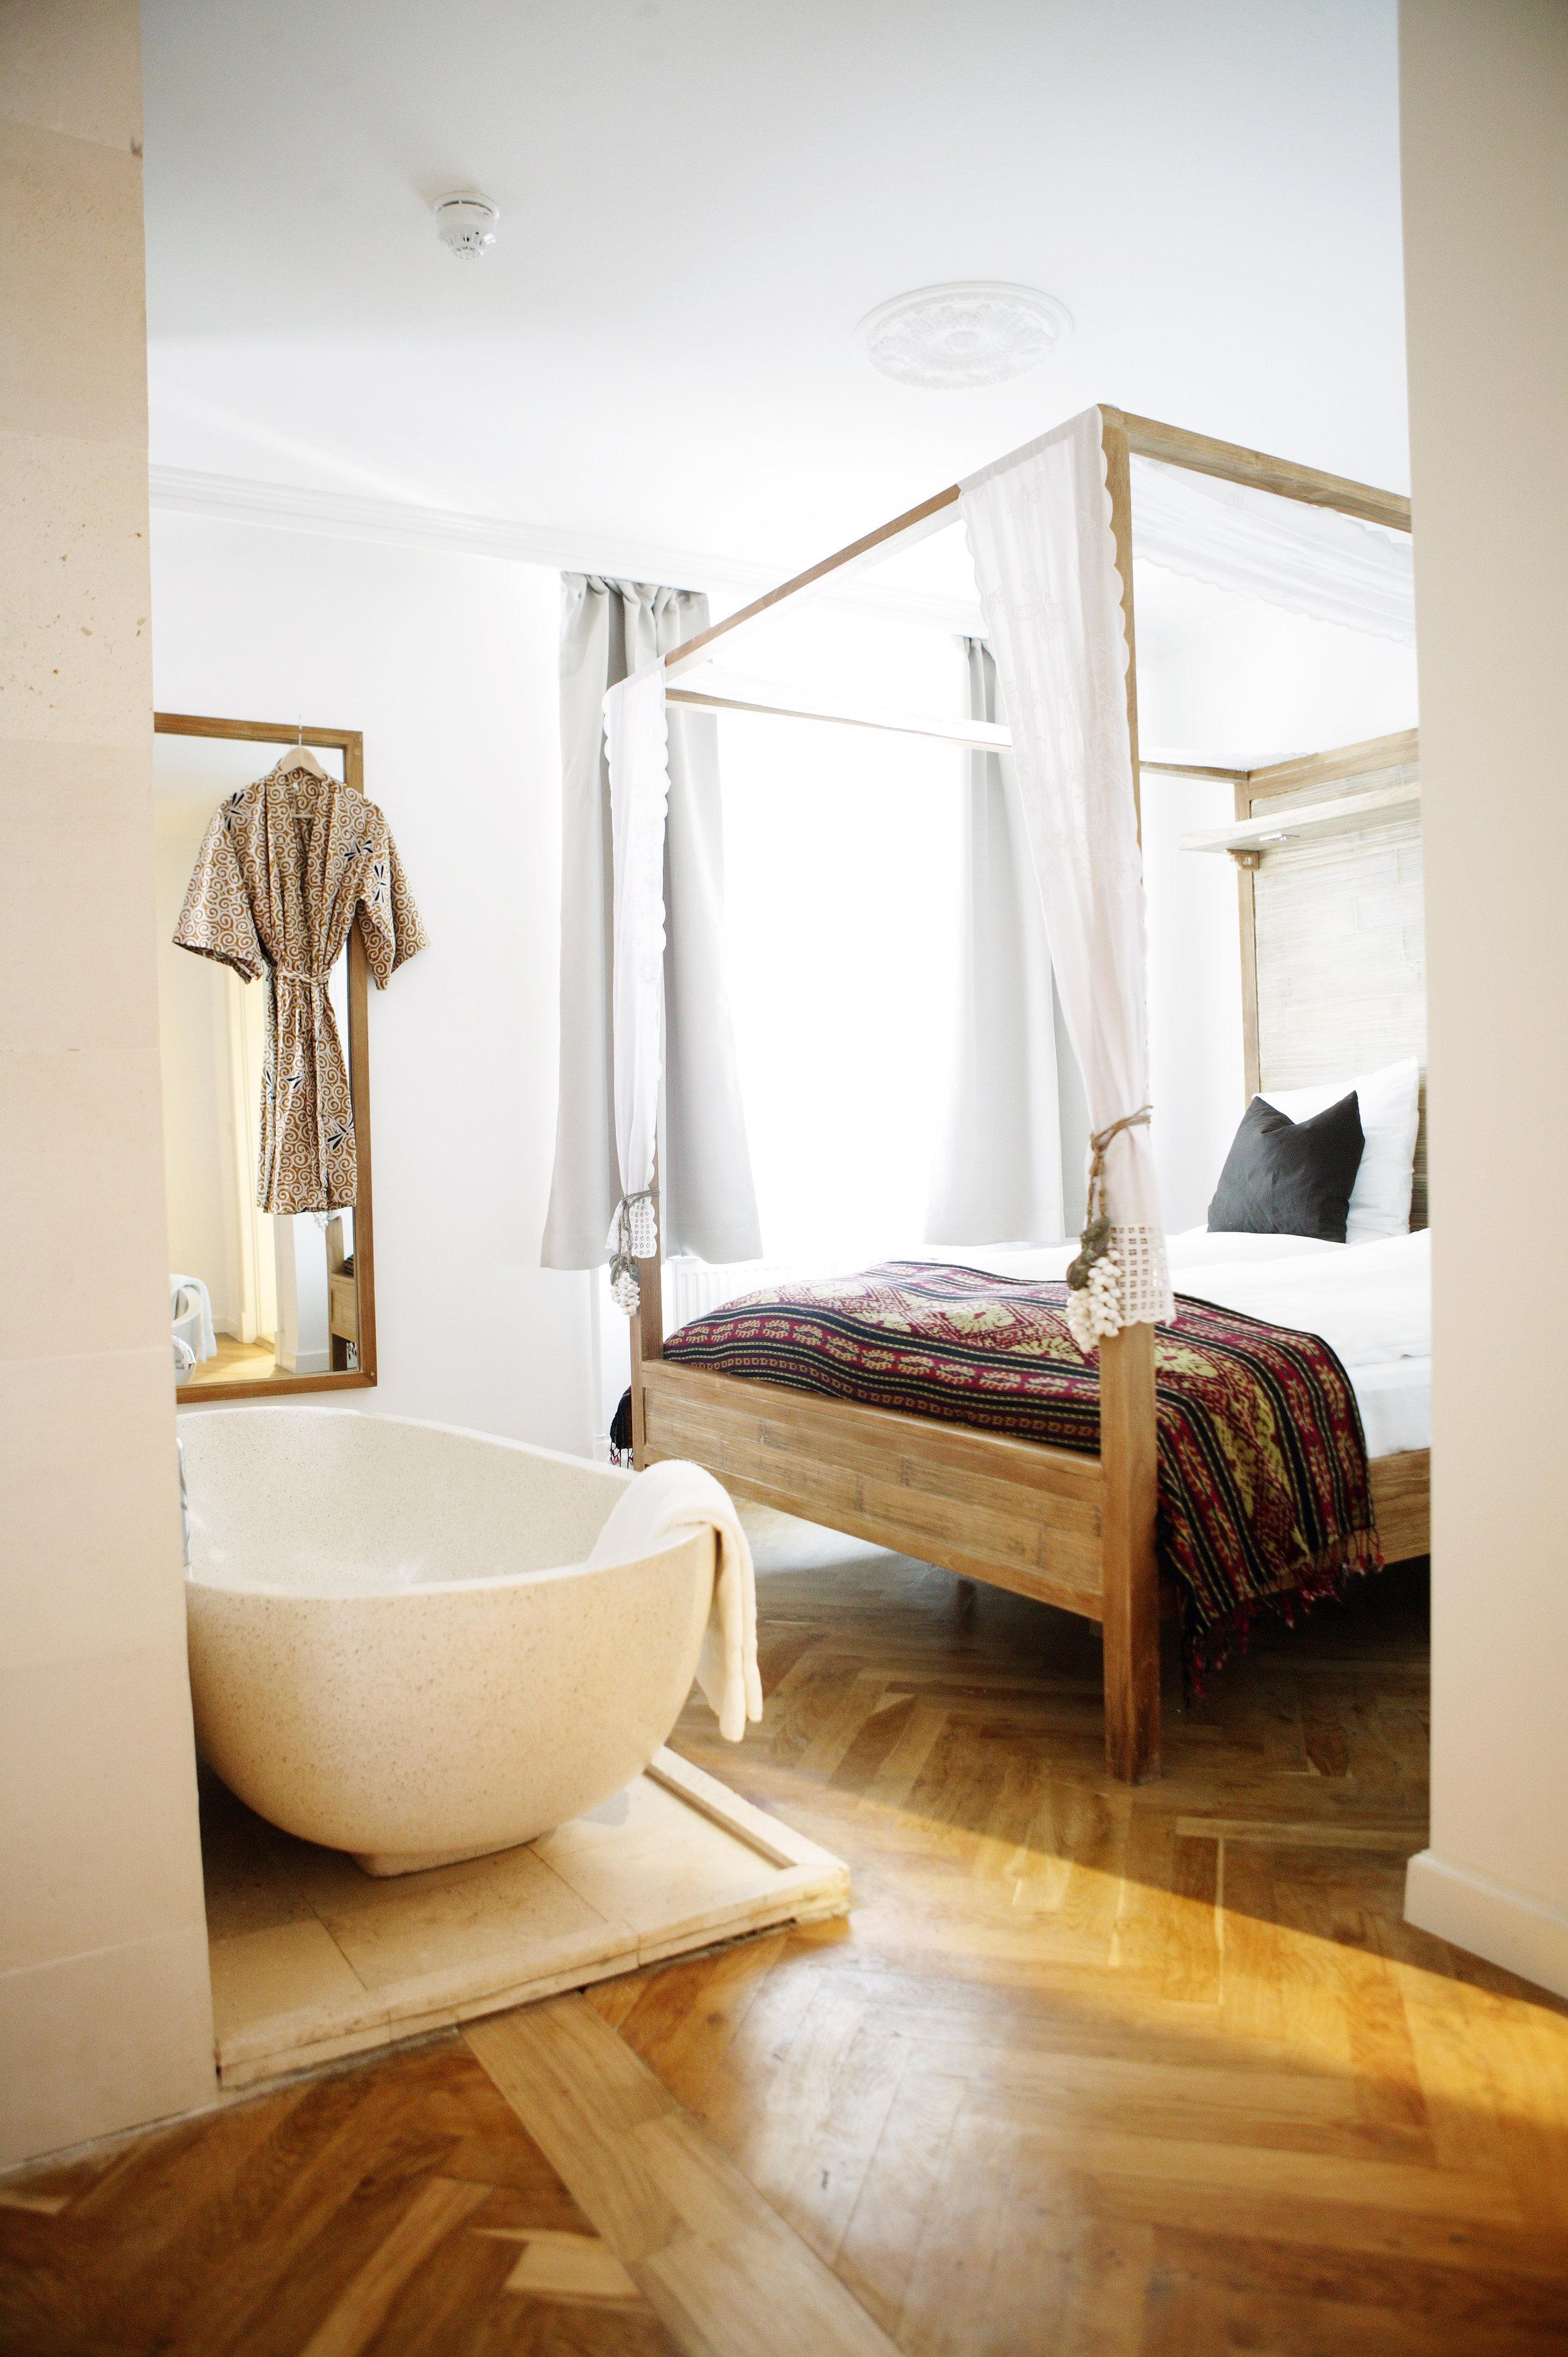 Axel_Hotel_room_2